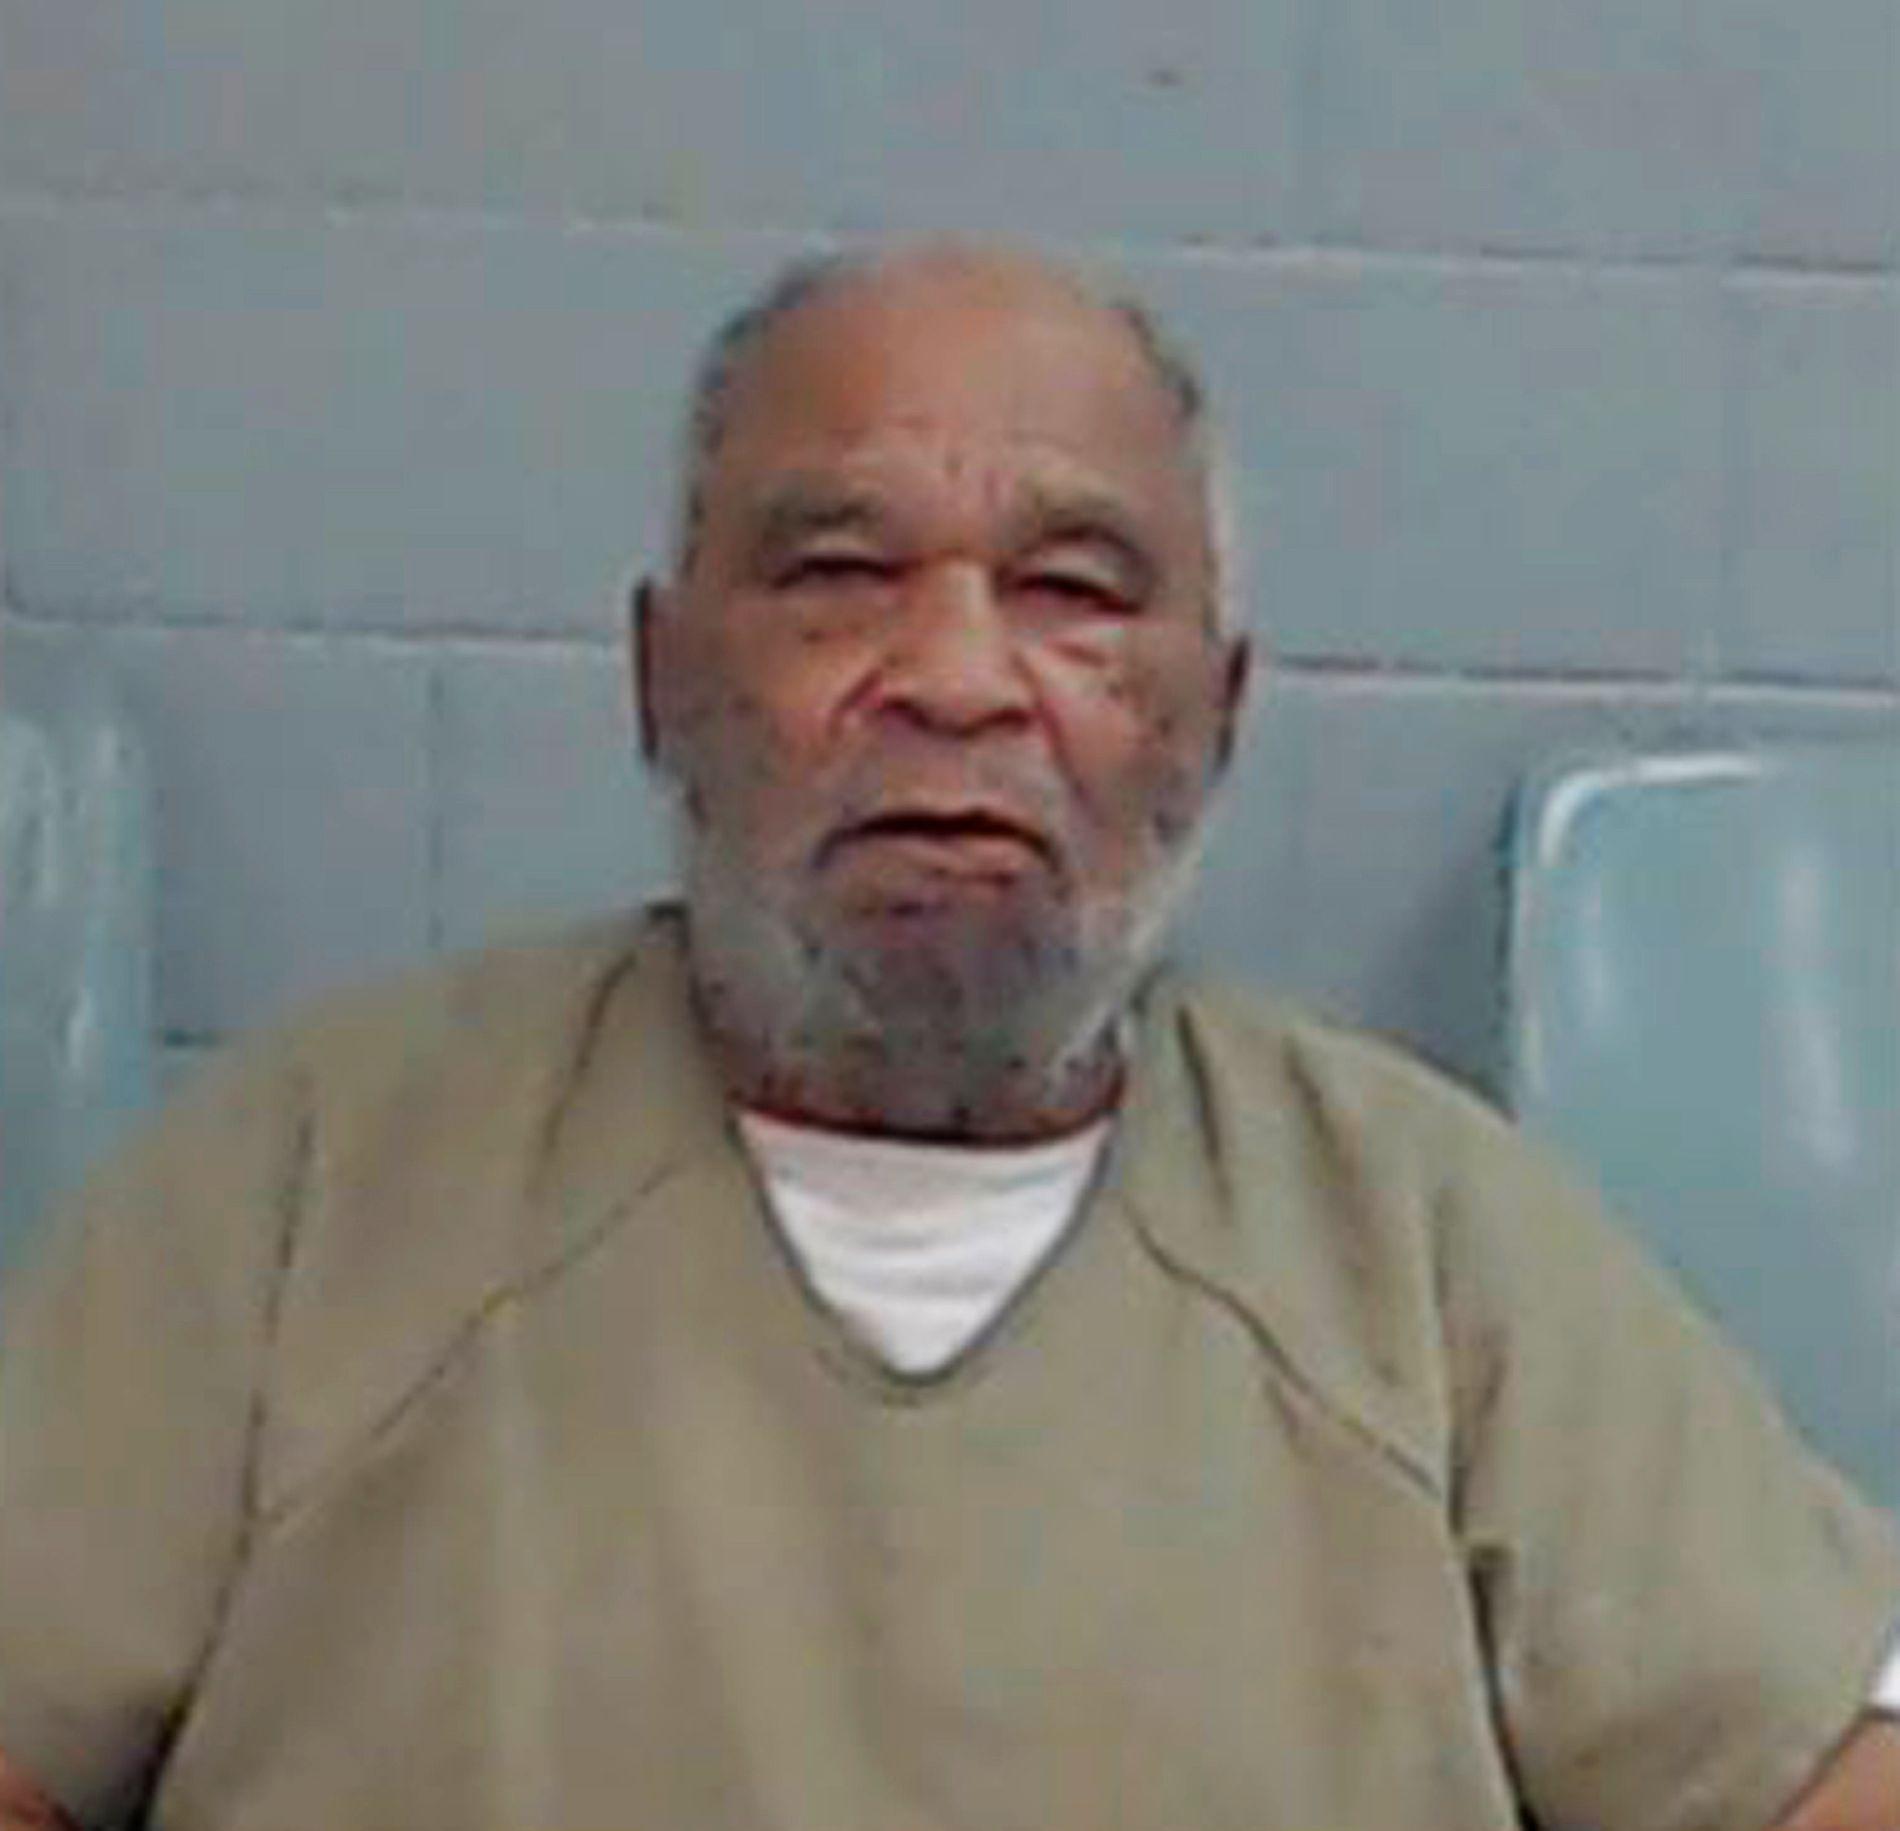 TIDENES VERSTE?: Samuel Little, også kjent under etternavnet McDowell, påstår han har drept over 90 personer.